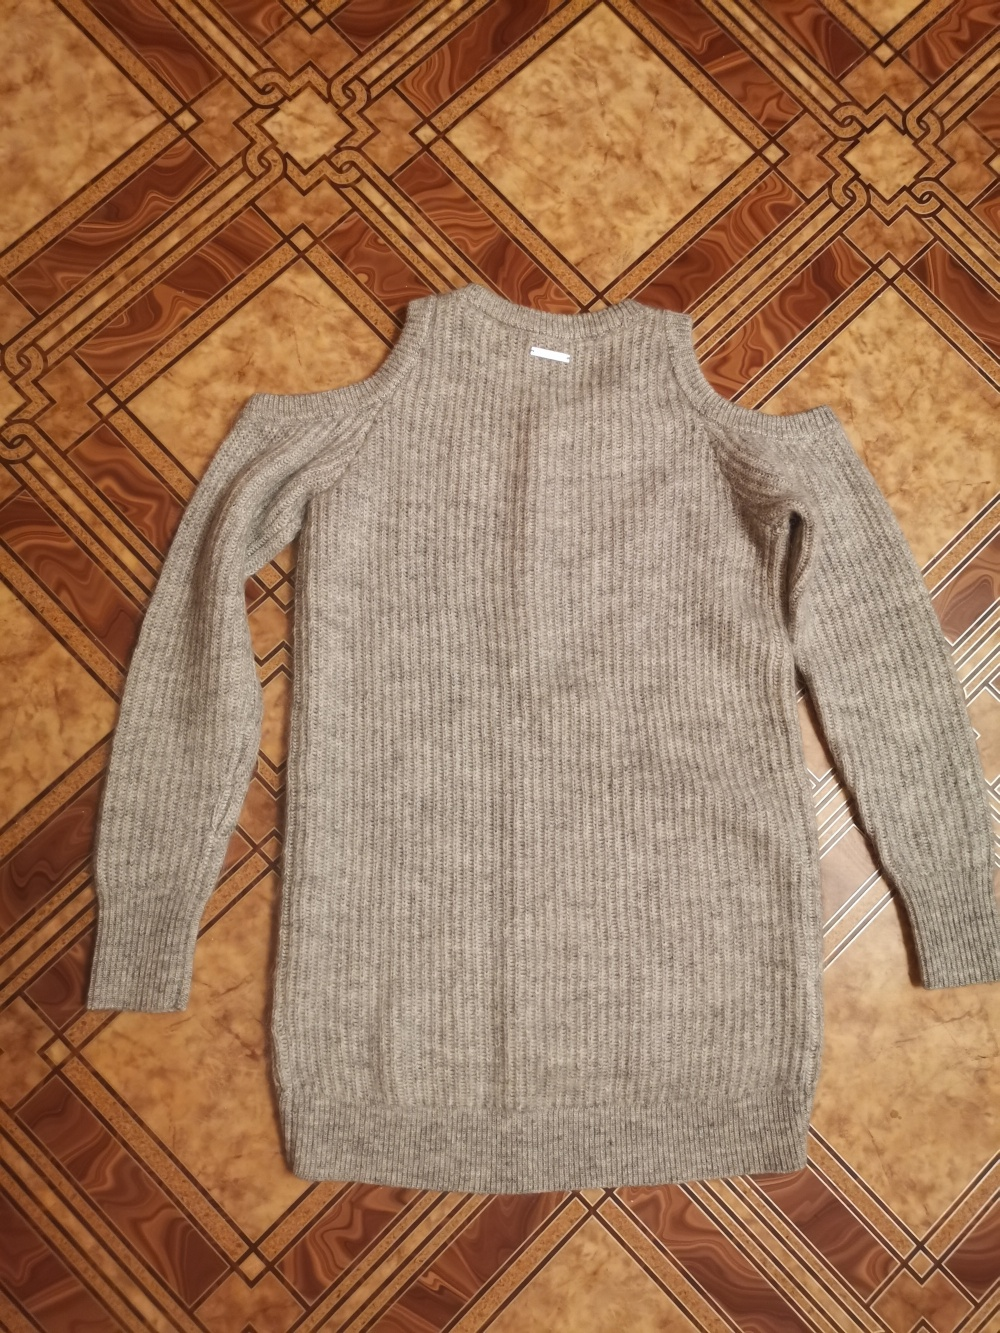 Свитер (кофта) Michael Kors, размер 42-44, 44 росс.